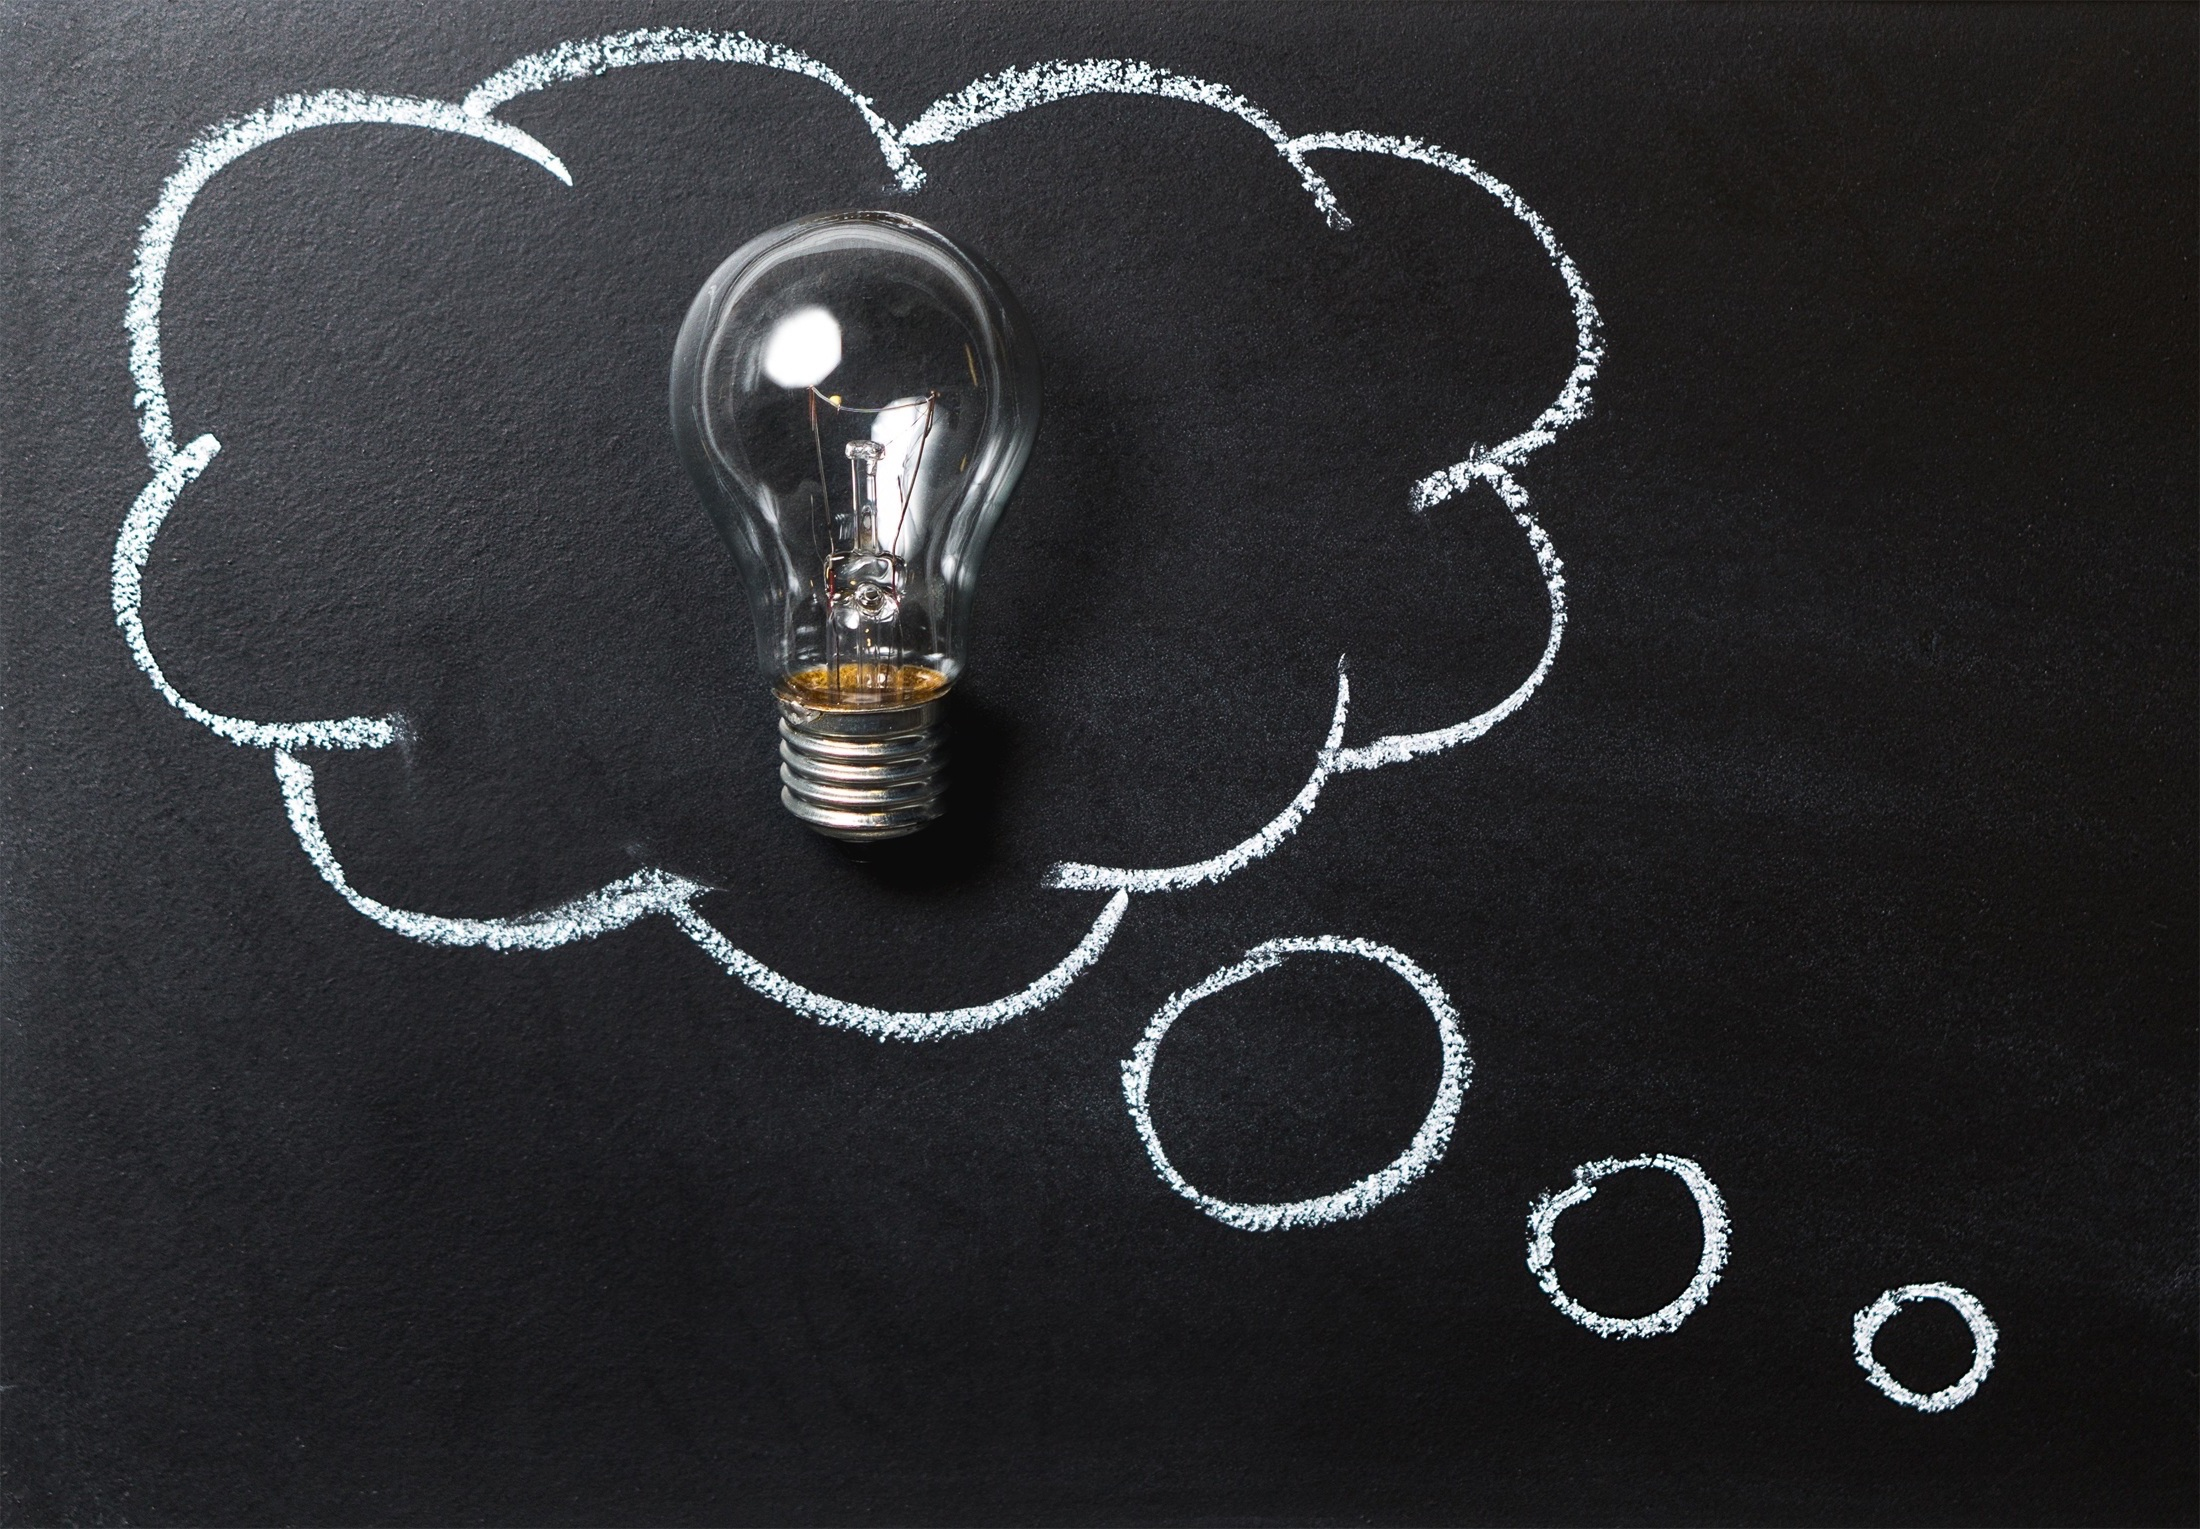 Bulb and chalkboard 2.jpg